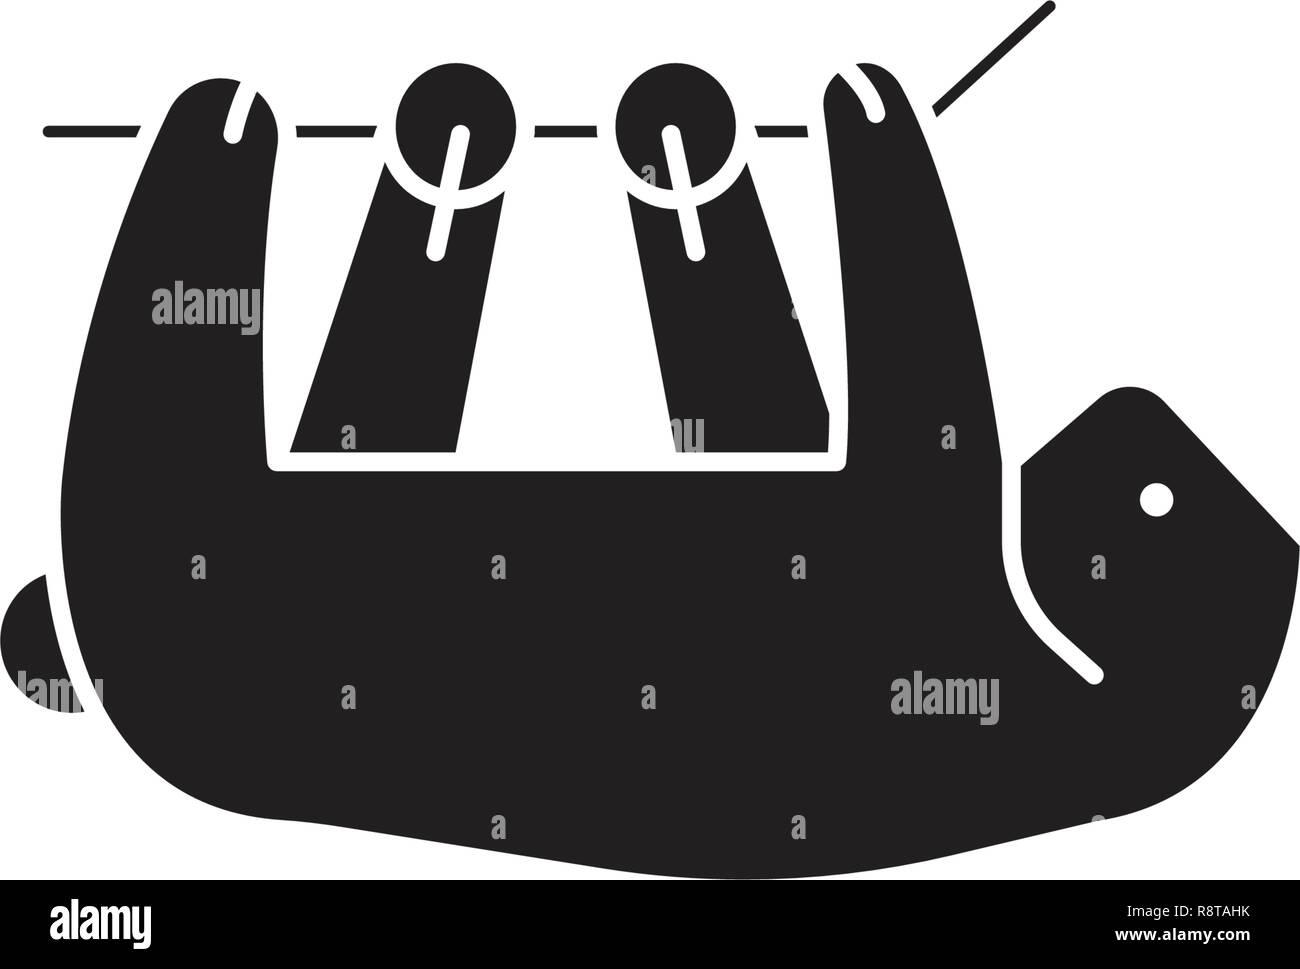 Pereza concepto vector icono negro. Pereza planas, signo de ilustración Ilustración del Vector